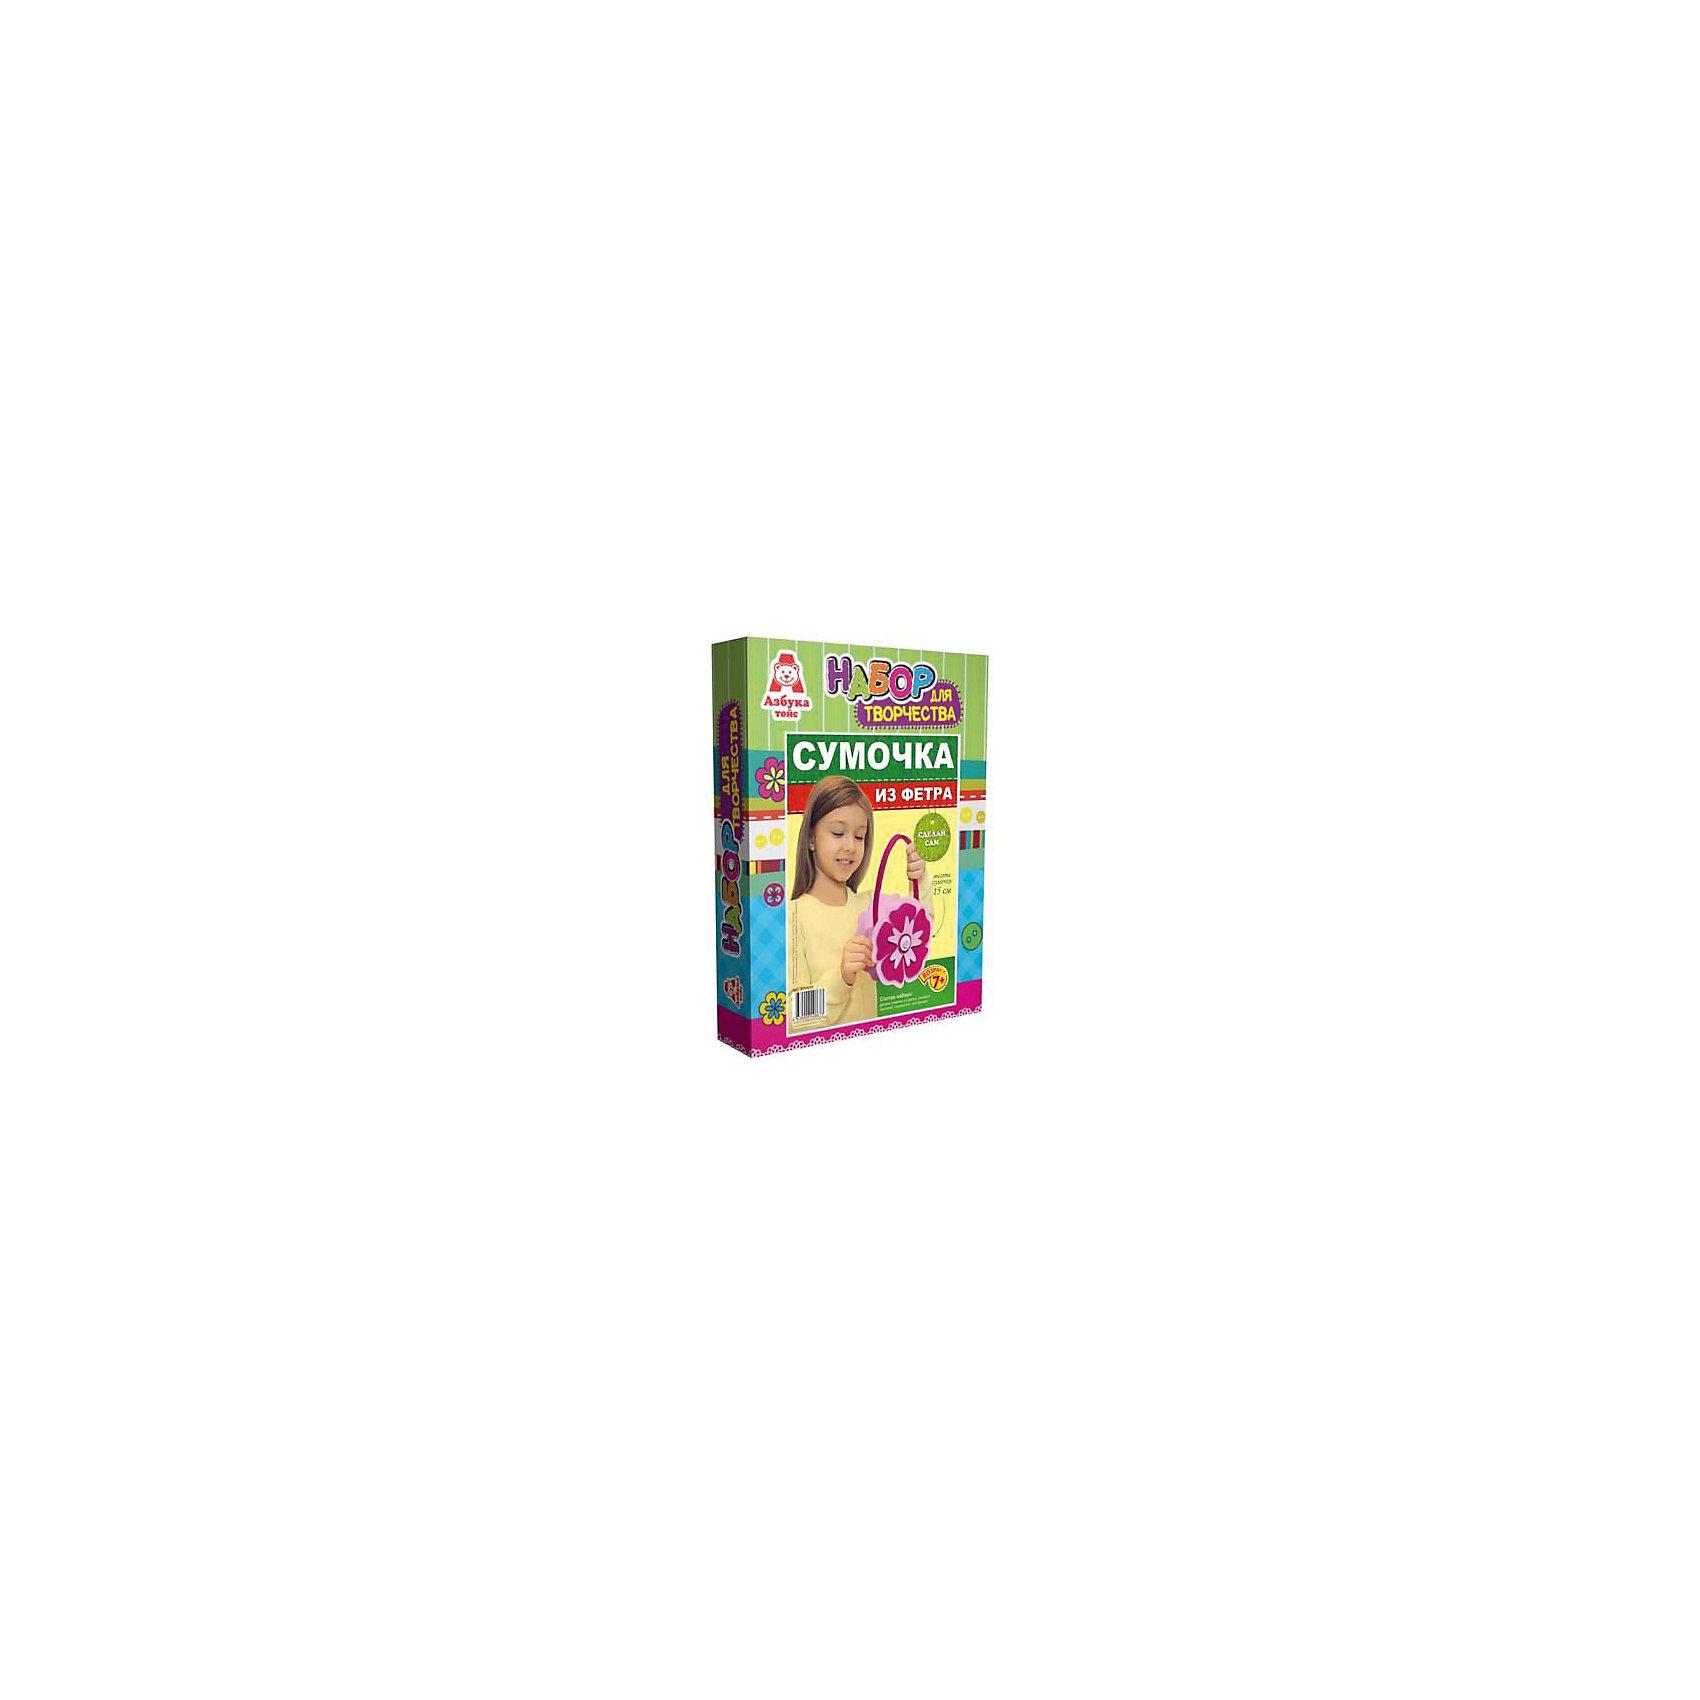 Сумочка из фетра ЦветокС помощью набора для творчества любая девочка самостоятельно сделает красивую сумочку и украсит ее яркой фурнитурой. Фетр очень мягкий материал, при этом готовое изделие хорошо сохраняет форму.<br>Состав набора:<br>детали сумочки из фетра,<br>клеевой пистолет,<br>термоклей.<br>От 7 лет.<br>Изготовитель: ООО Азбука Тойс <br>Произведено в России.<br><br>Ширина мм: 210<br>Глубина мм: 50<br>Высота мм: 280<br>Вес г: 178<br>Возраст от месяцев: 84<br>Возраст до месяцев: 144<br>Пол: Унисекс<br>Возраст: Детский<br>SKU: 5062979